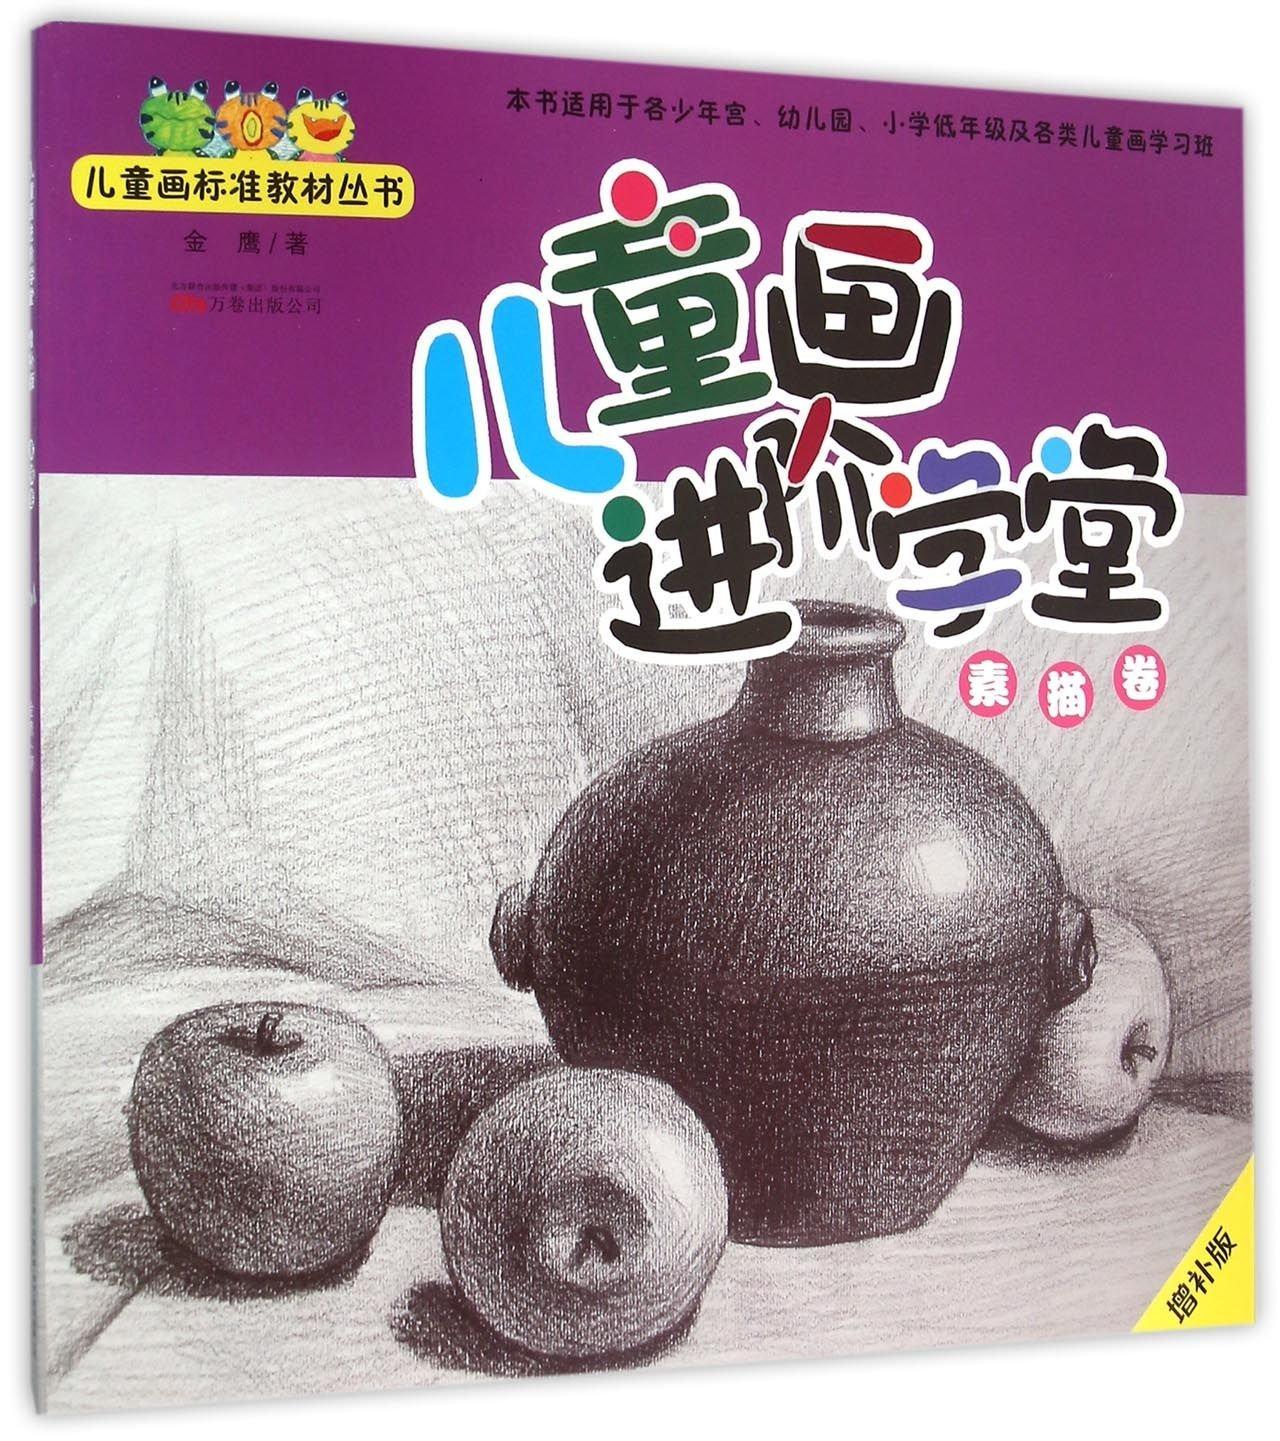 儿童画进阶学堂(素描卷增补版)/儿童画标准教材丛书 PDF